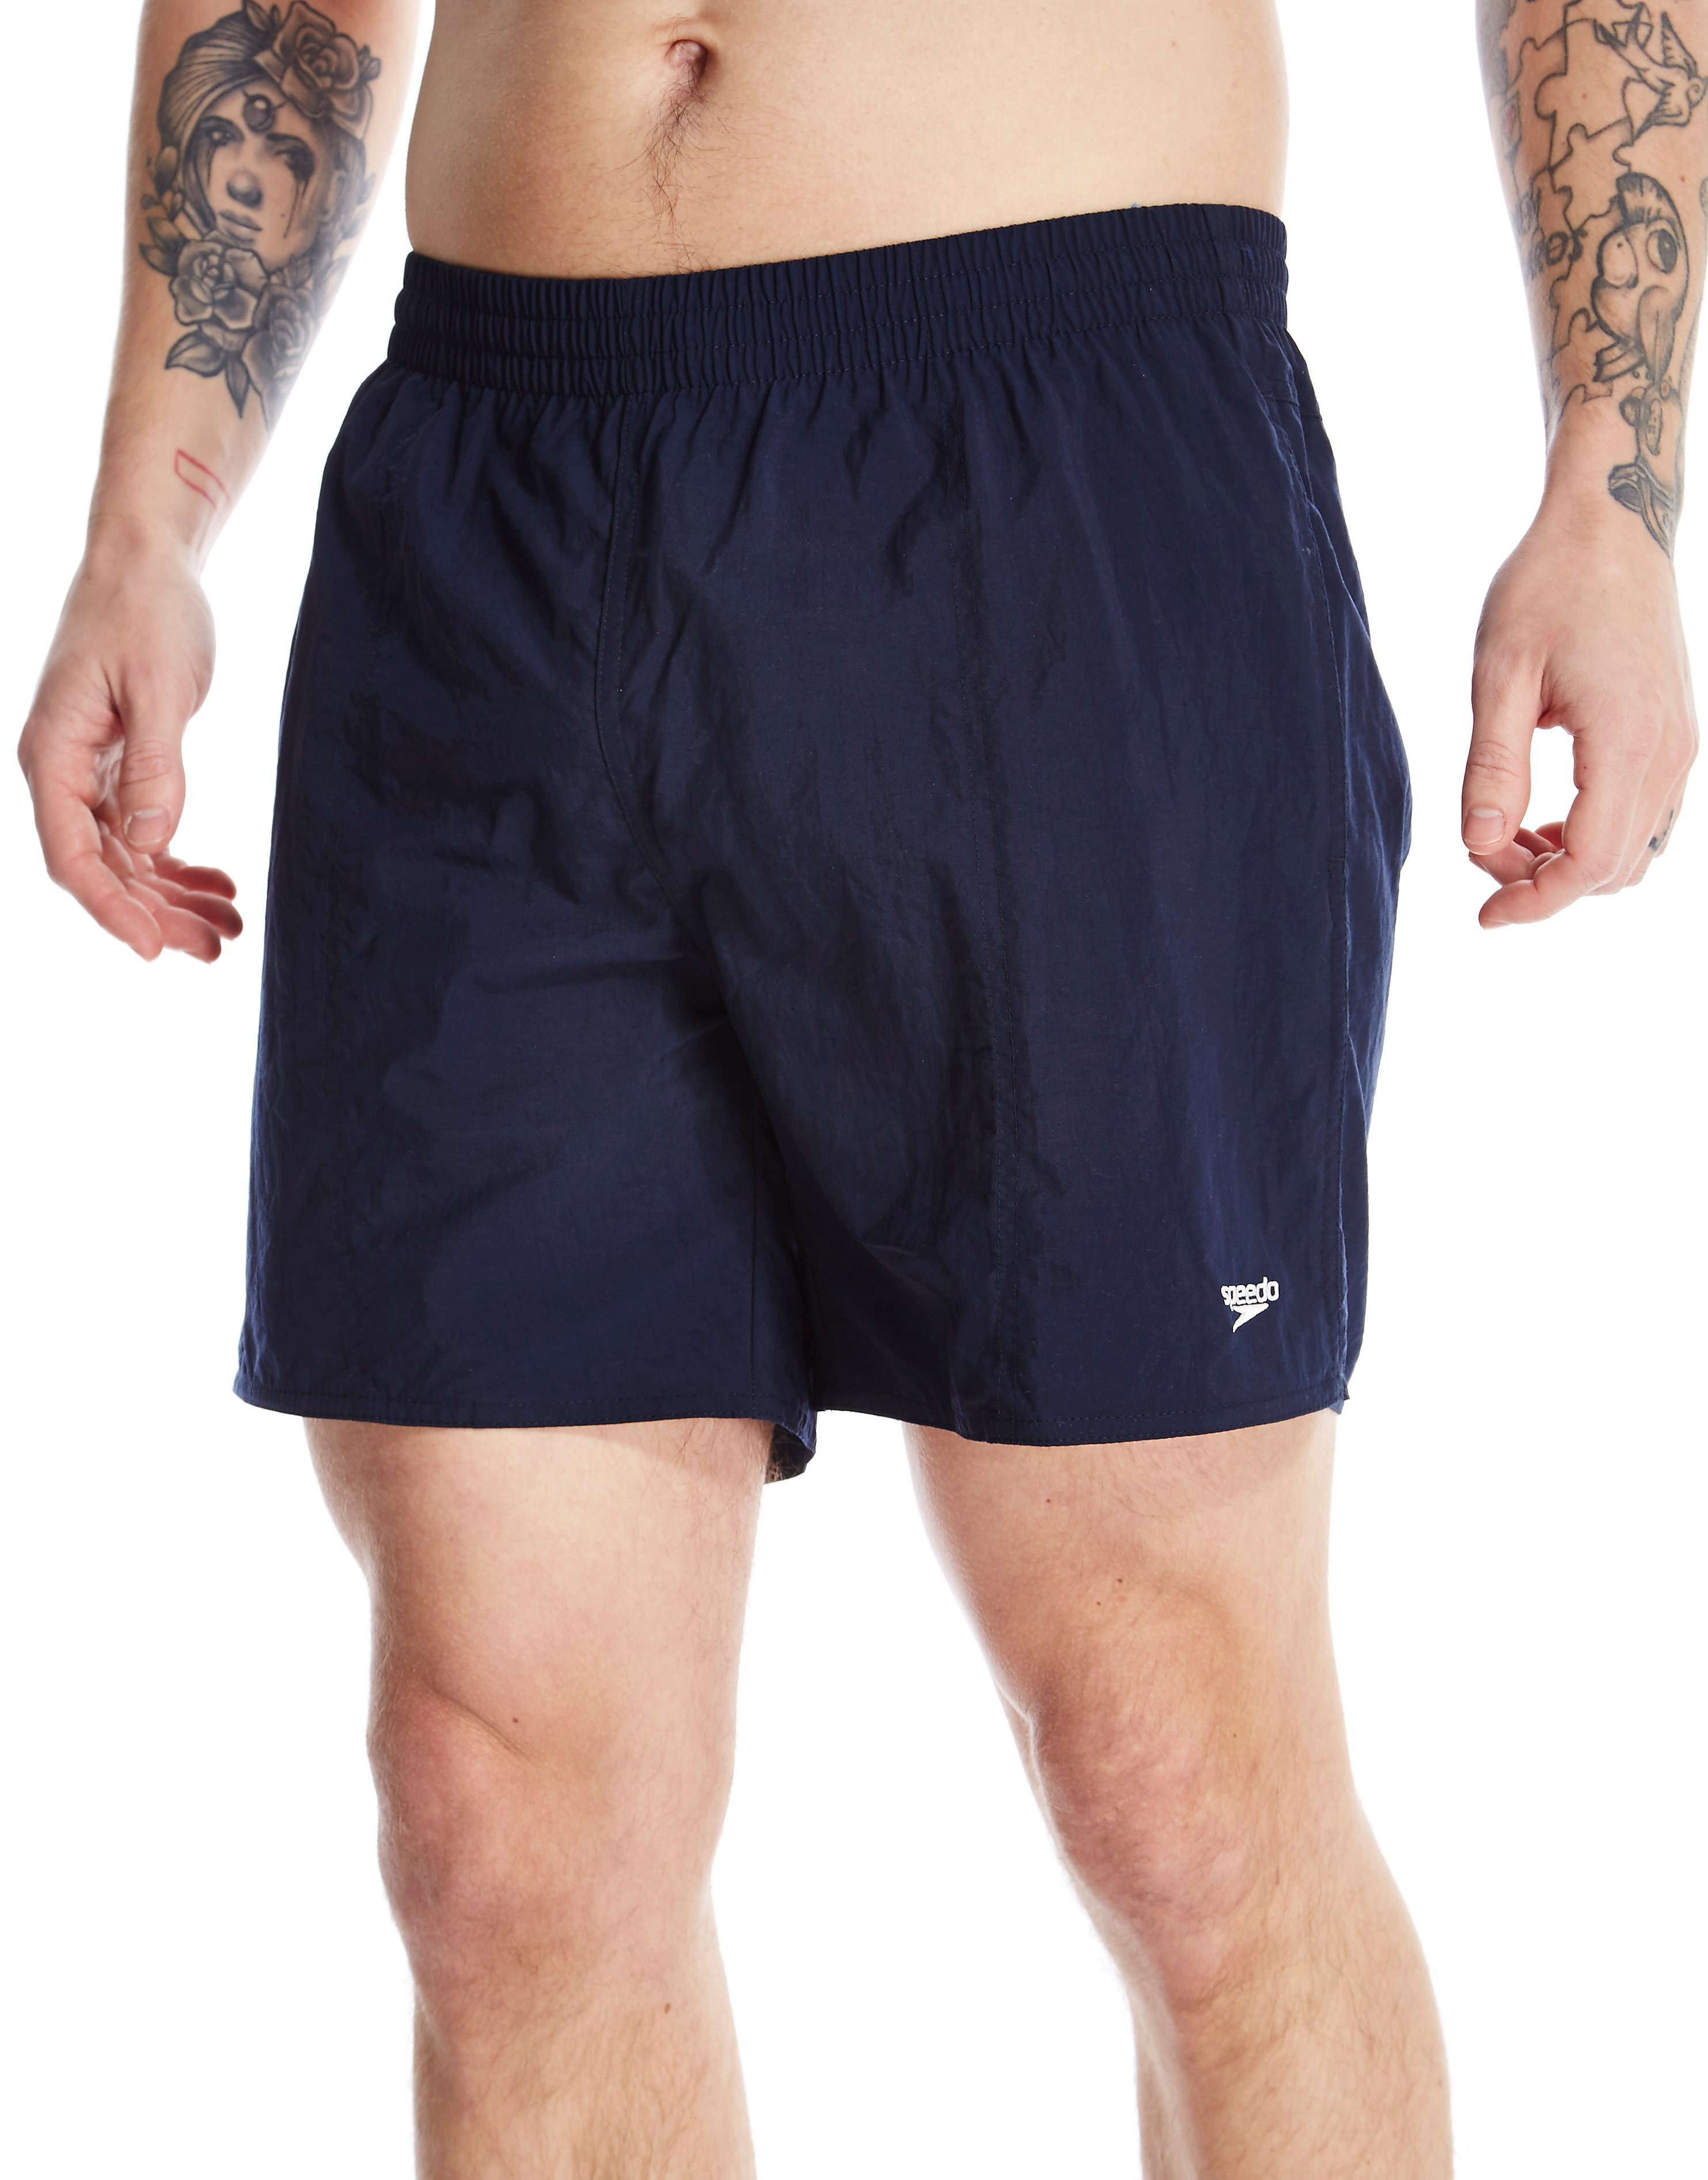 Speedo Solid Lesiure Shorts